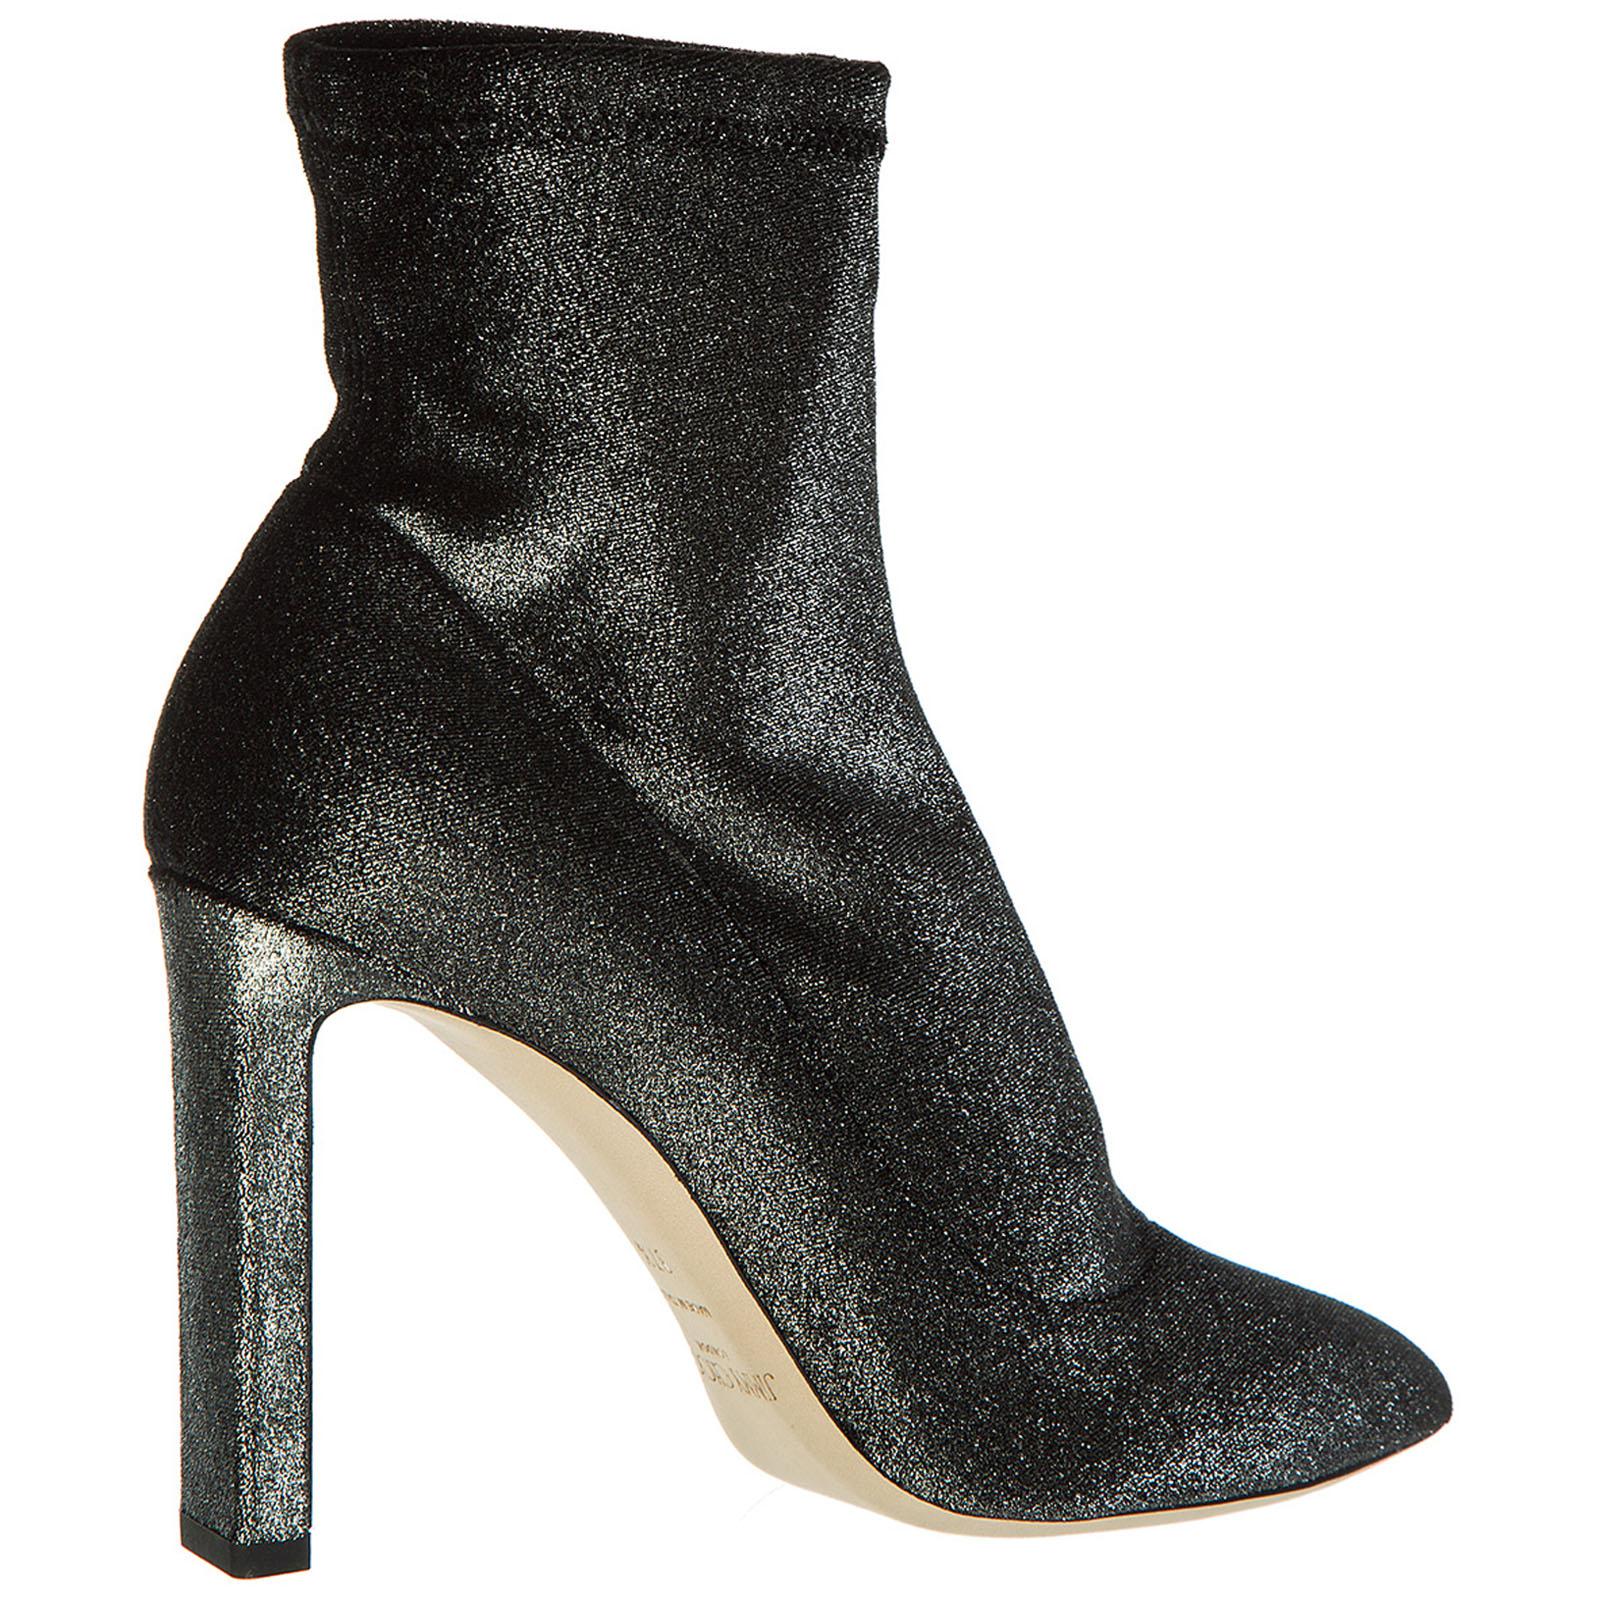 Damen stiefeletten stiefel ankle boots  louella